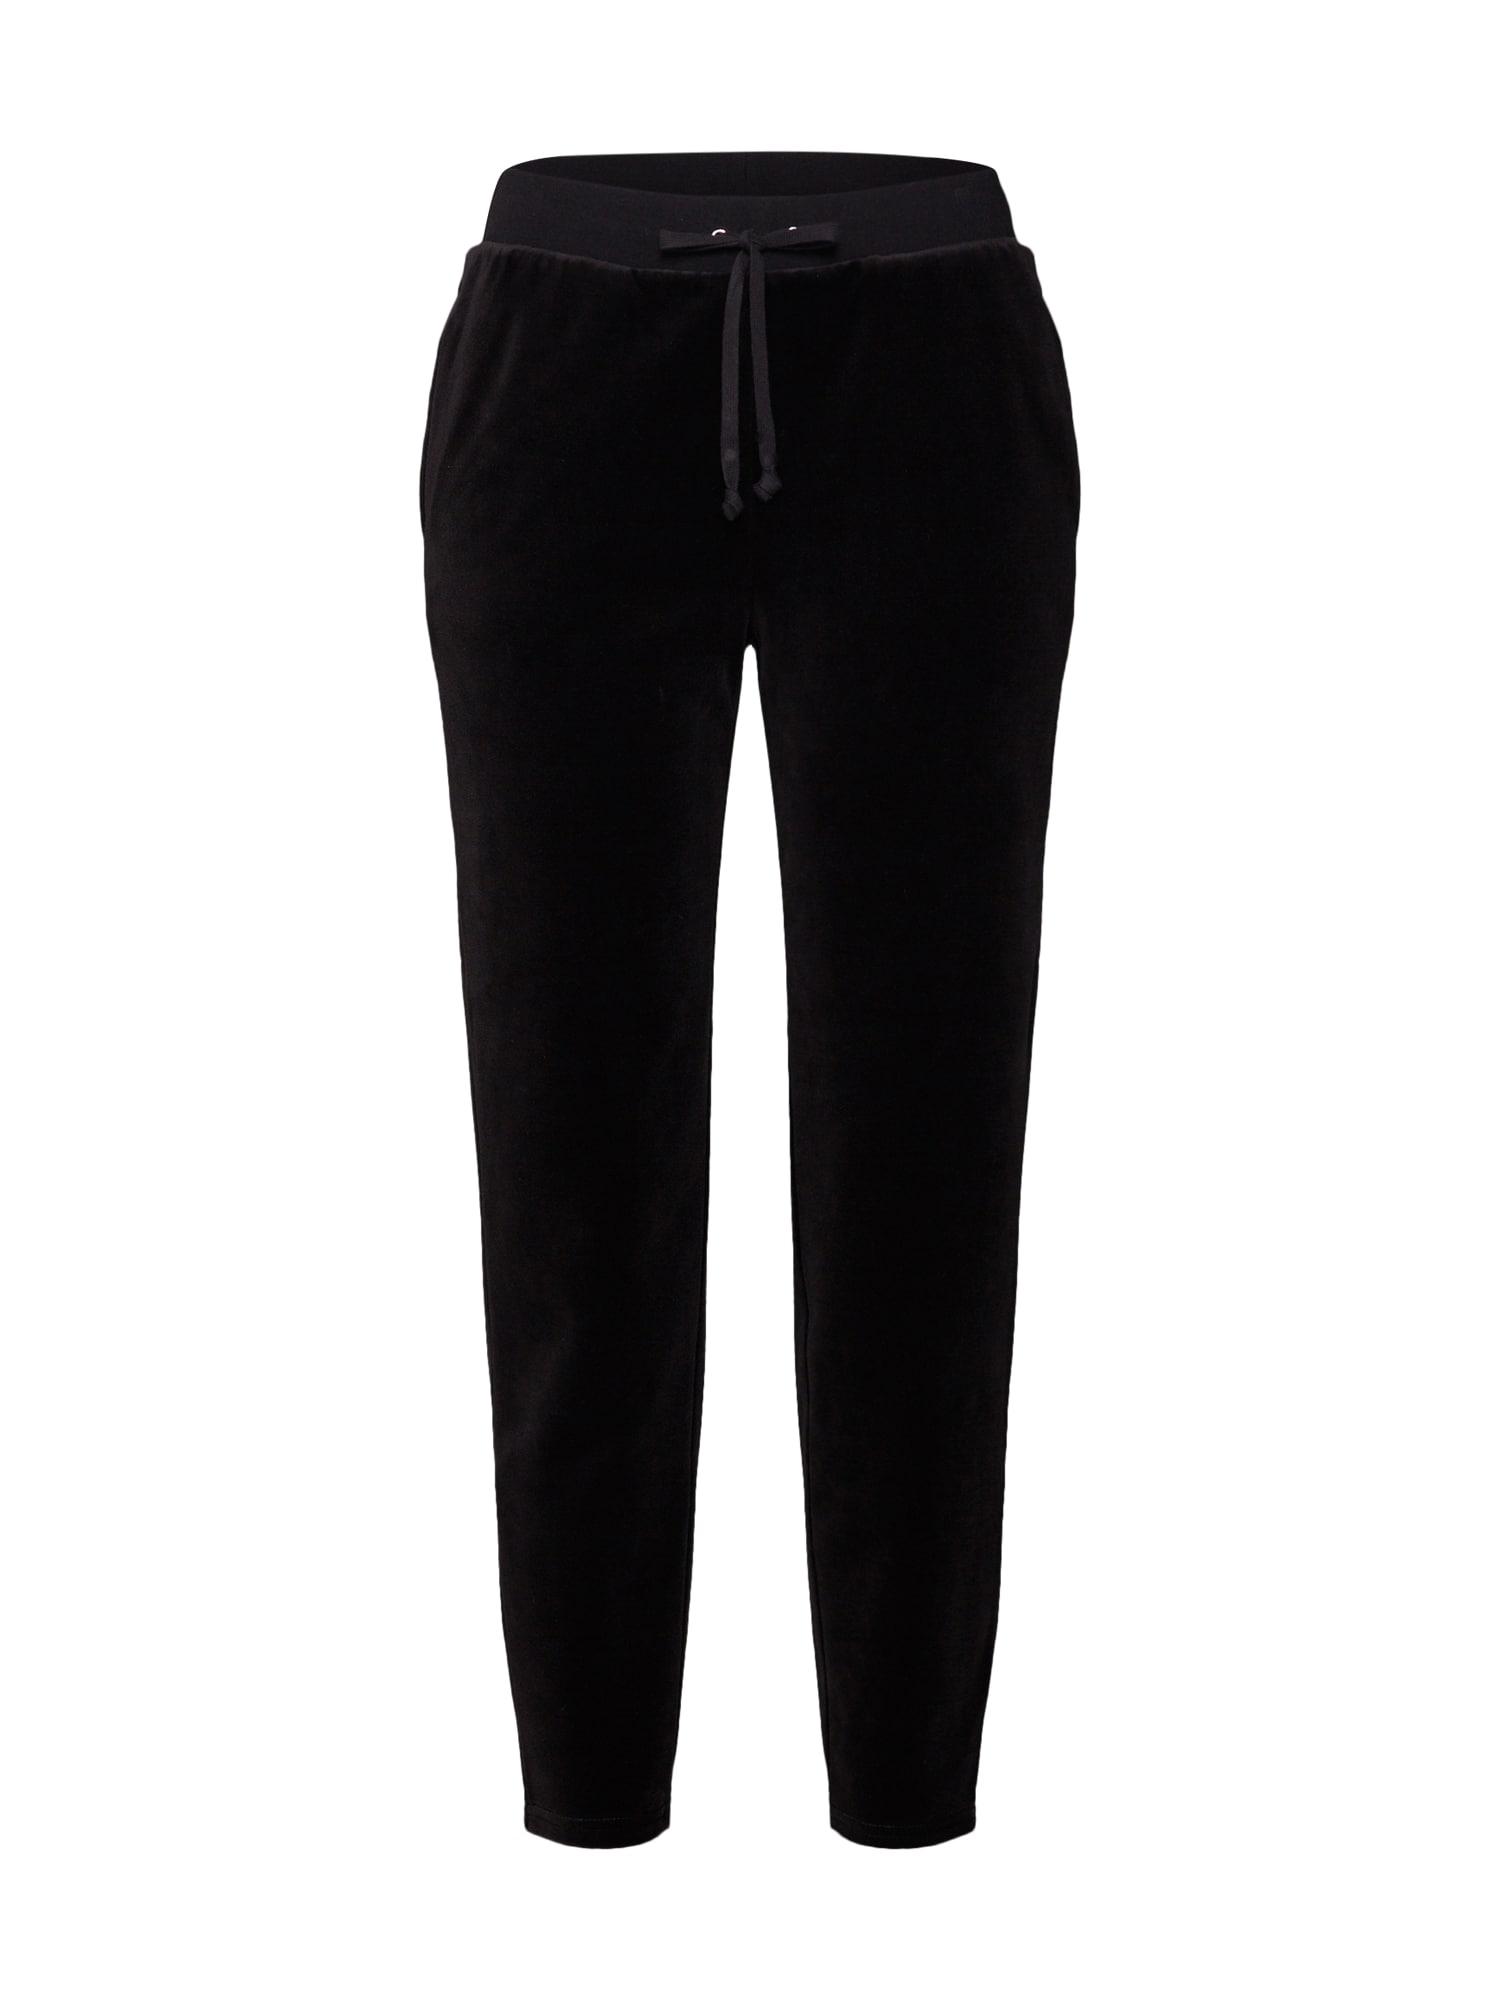 Kalhoty SCRIPT růžová černá Juicy Couture Black Label